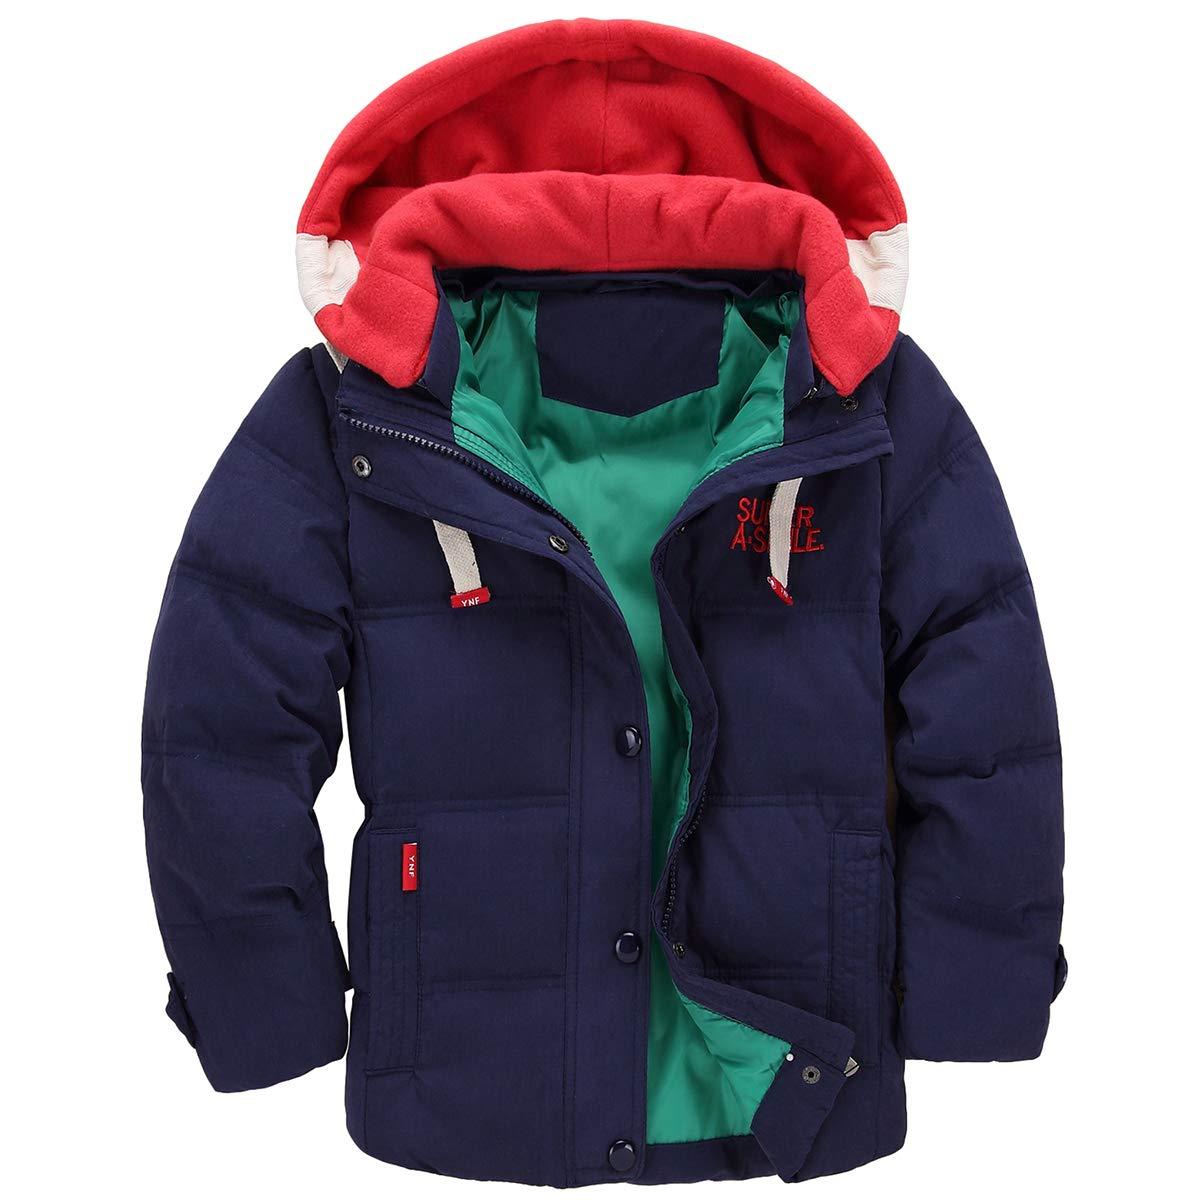 Taigood Bambino Giubbotto Piumino Invernale Caldo Leggero Removibile Cappotto con Cappuccio Ragazzi Ragazze Jacket 3-8 Anni FF-ETWT-12